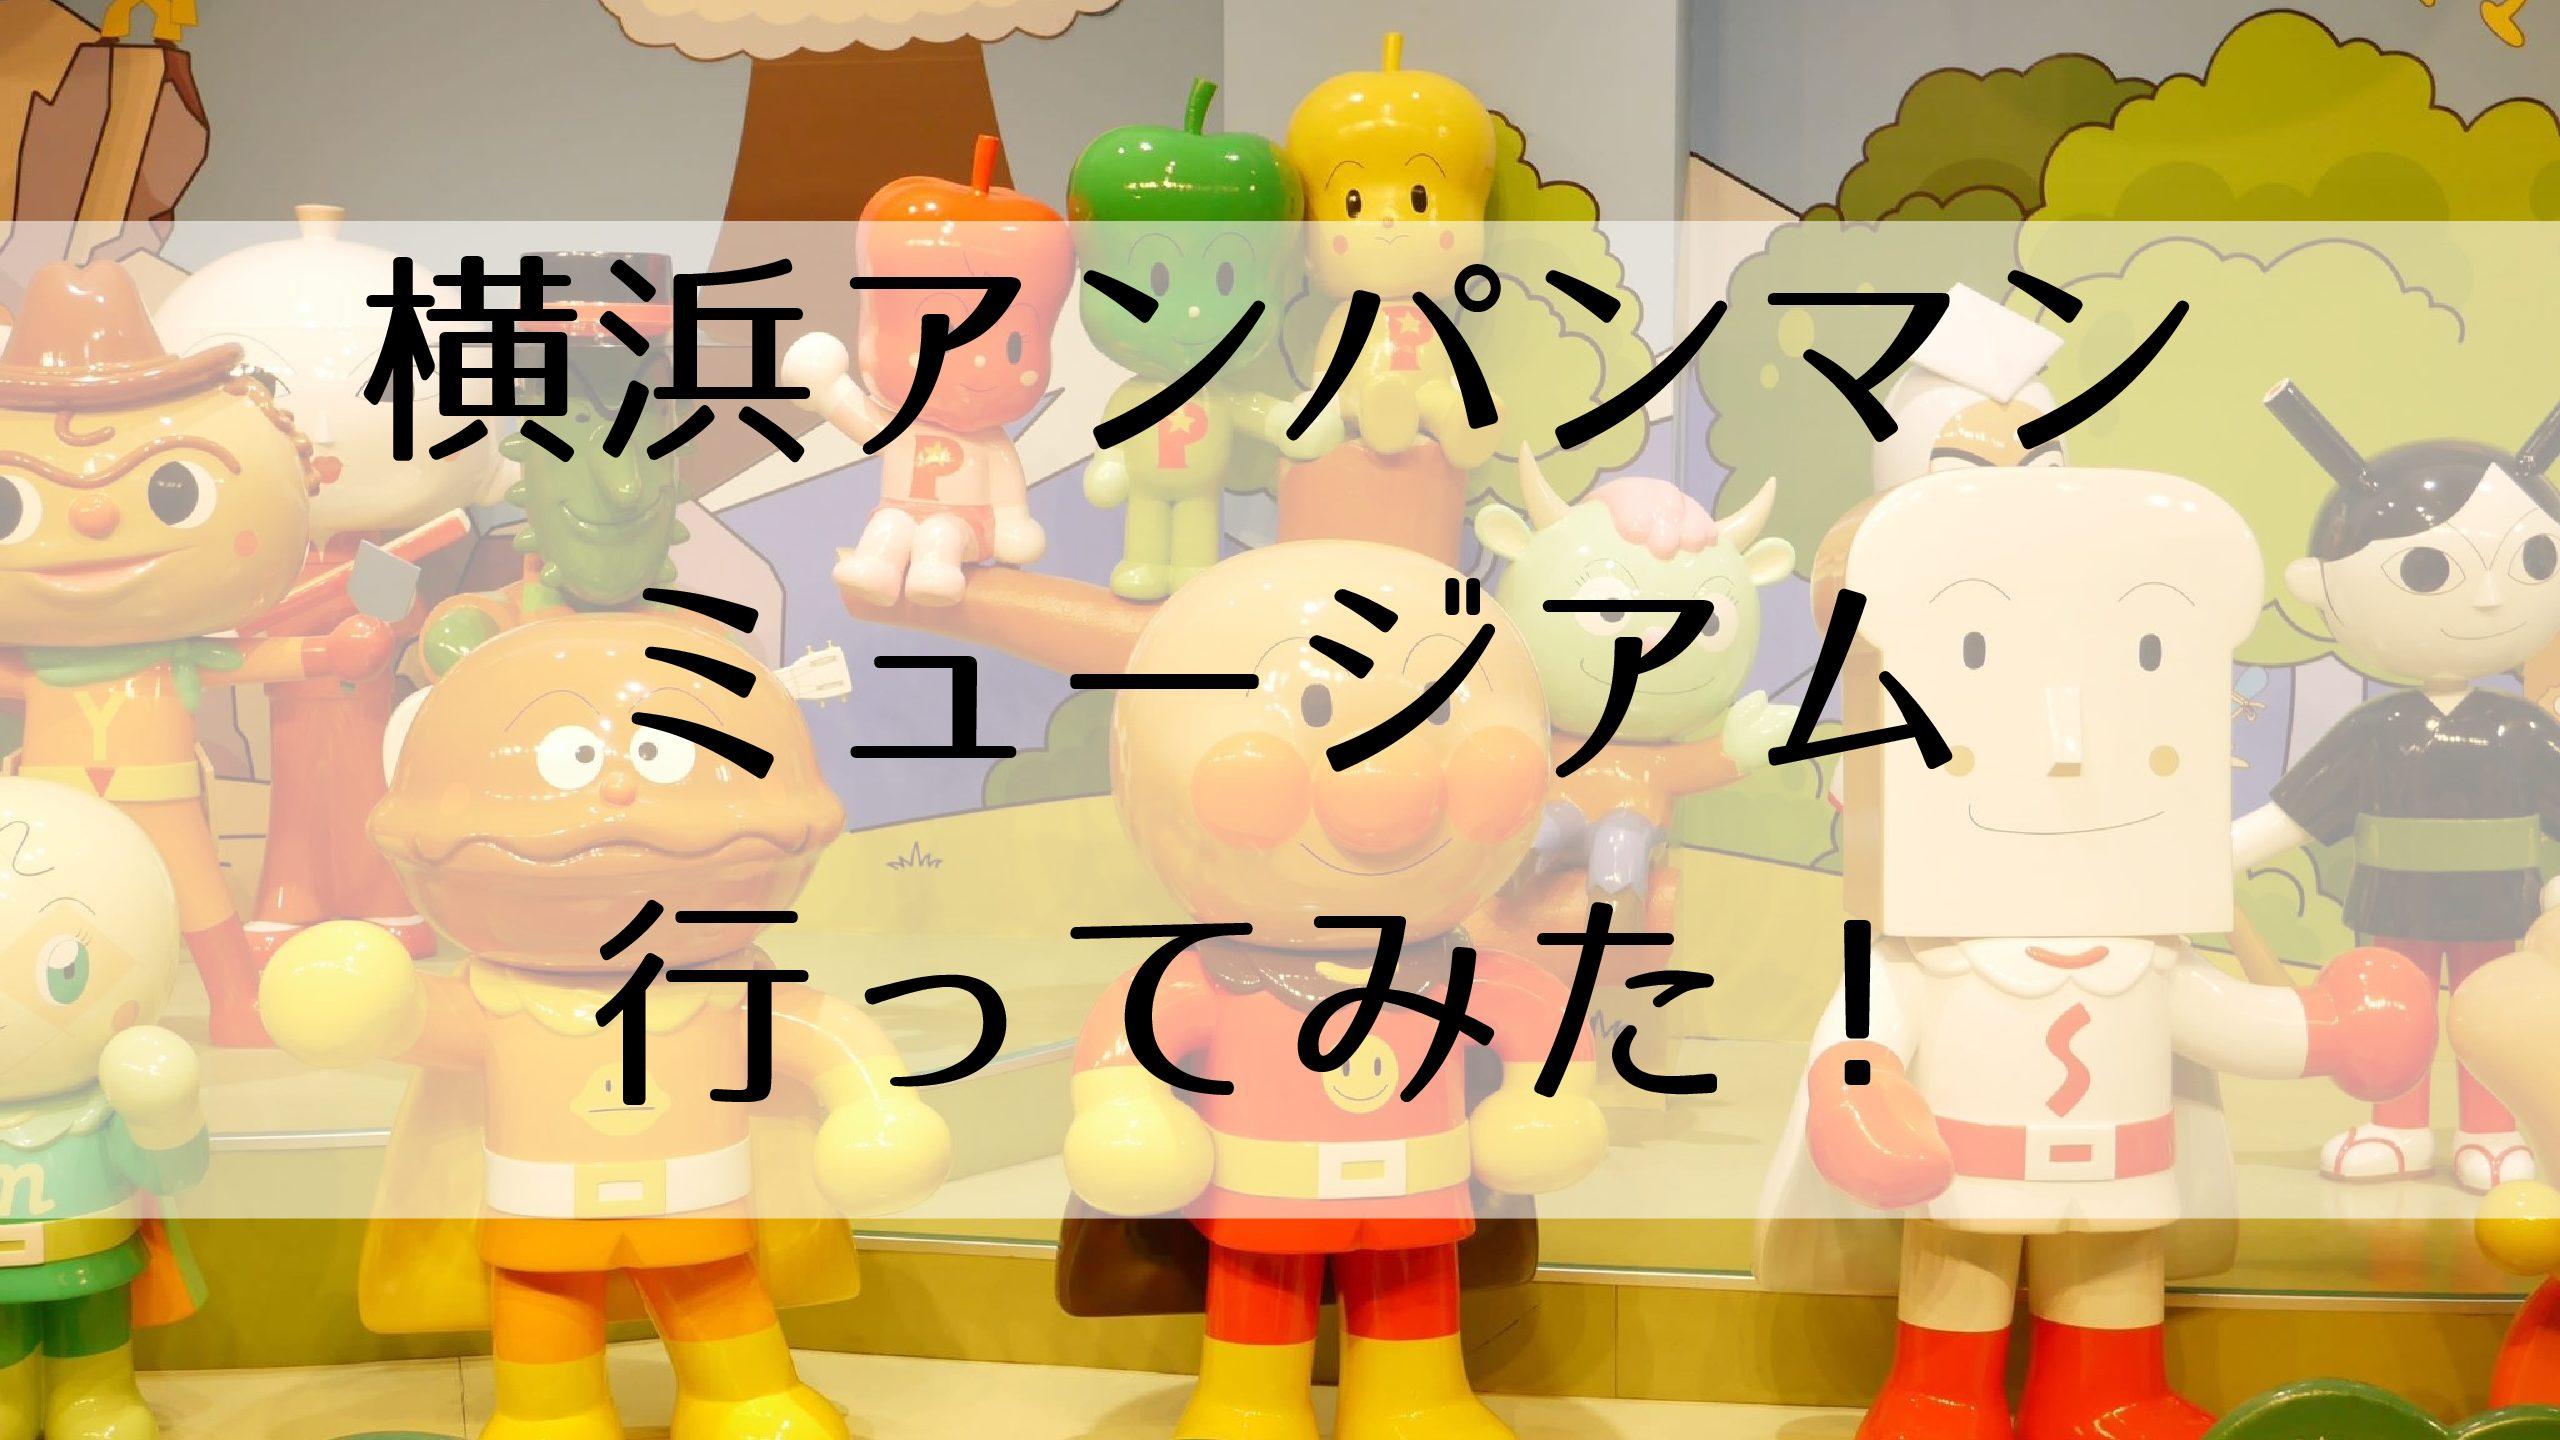 横浜アンパンマンミュージアム体験レビュー営業時間料金アクセス